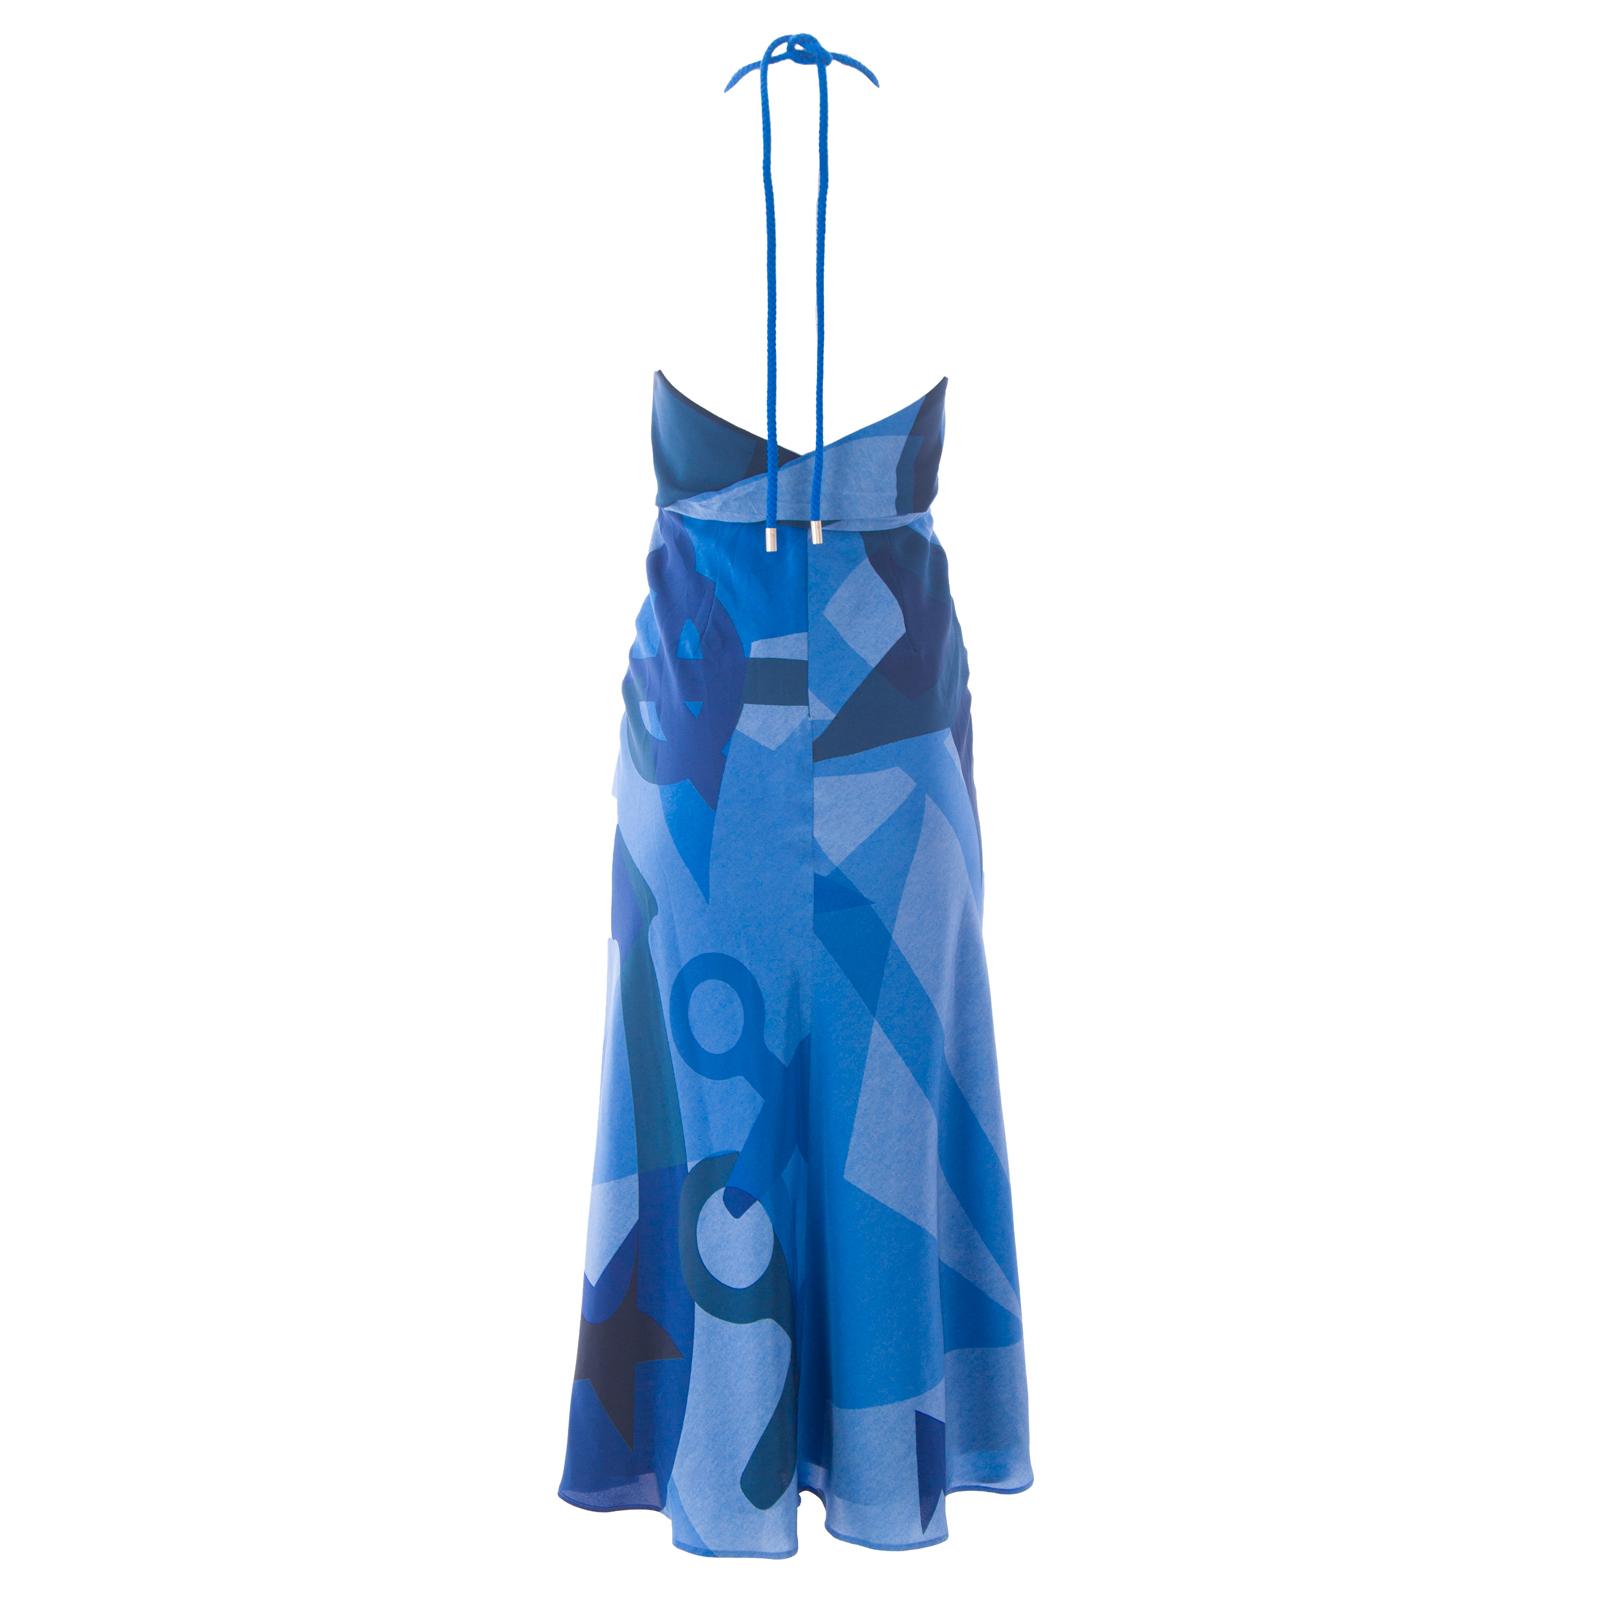 17103425f334d2 MAX MARA Women s Delia China Blue Halter Top Maxi Dress Sz 4  1